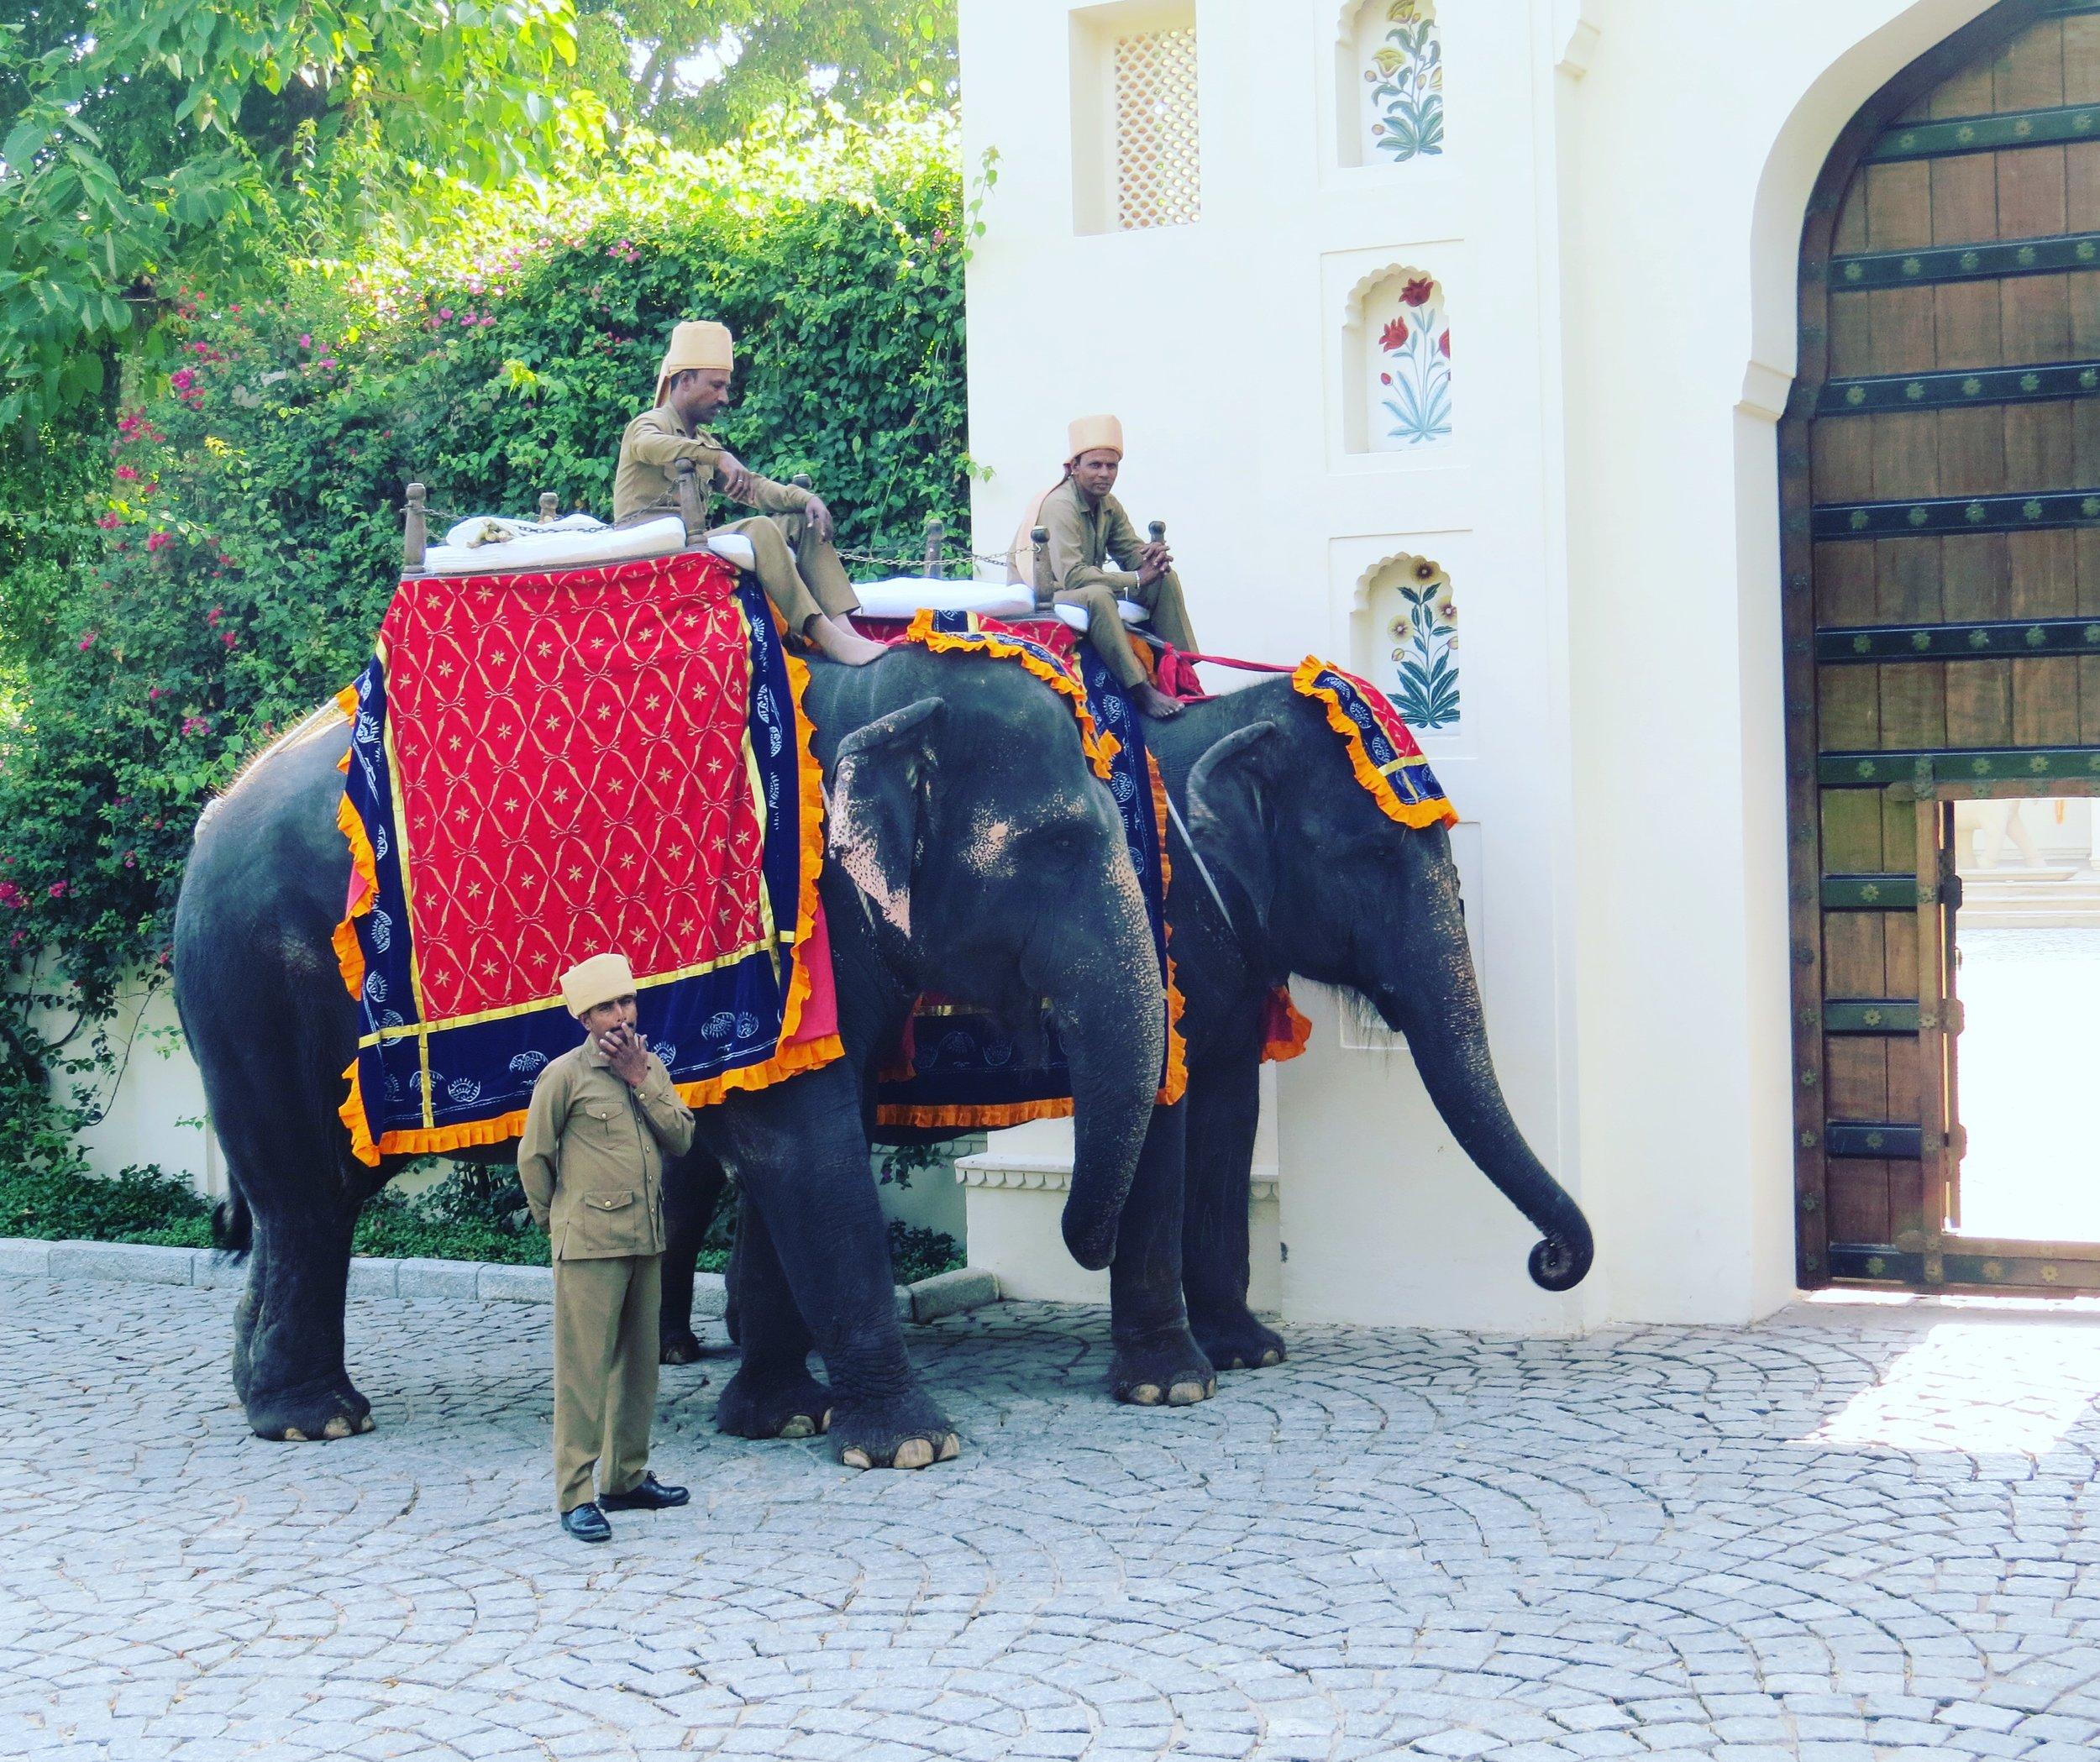 ELEPHANT RIDE, RAJASTHAN, INDIA